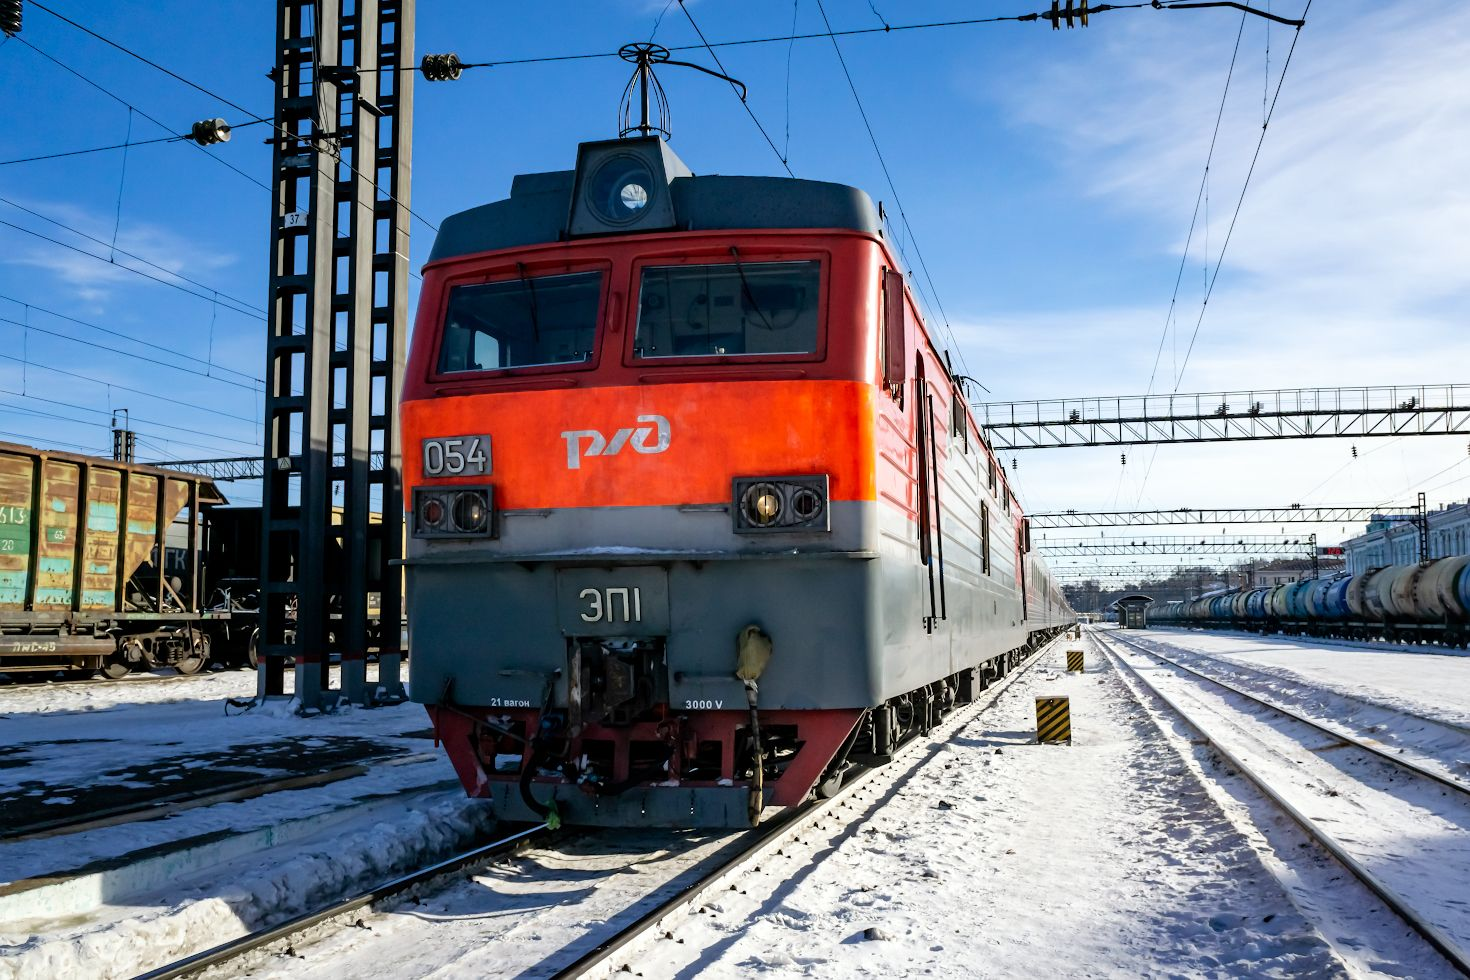 ЭП1-054 railway железная дорога locomotive локомотив электровоз поезд train Russia Siberia Irkutsk Россия Сибирь Иркутск споттинг spotting